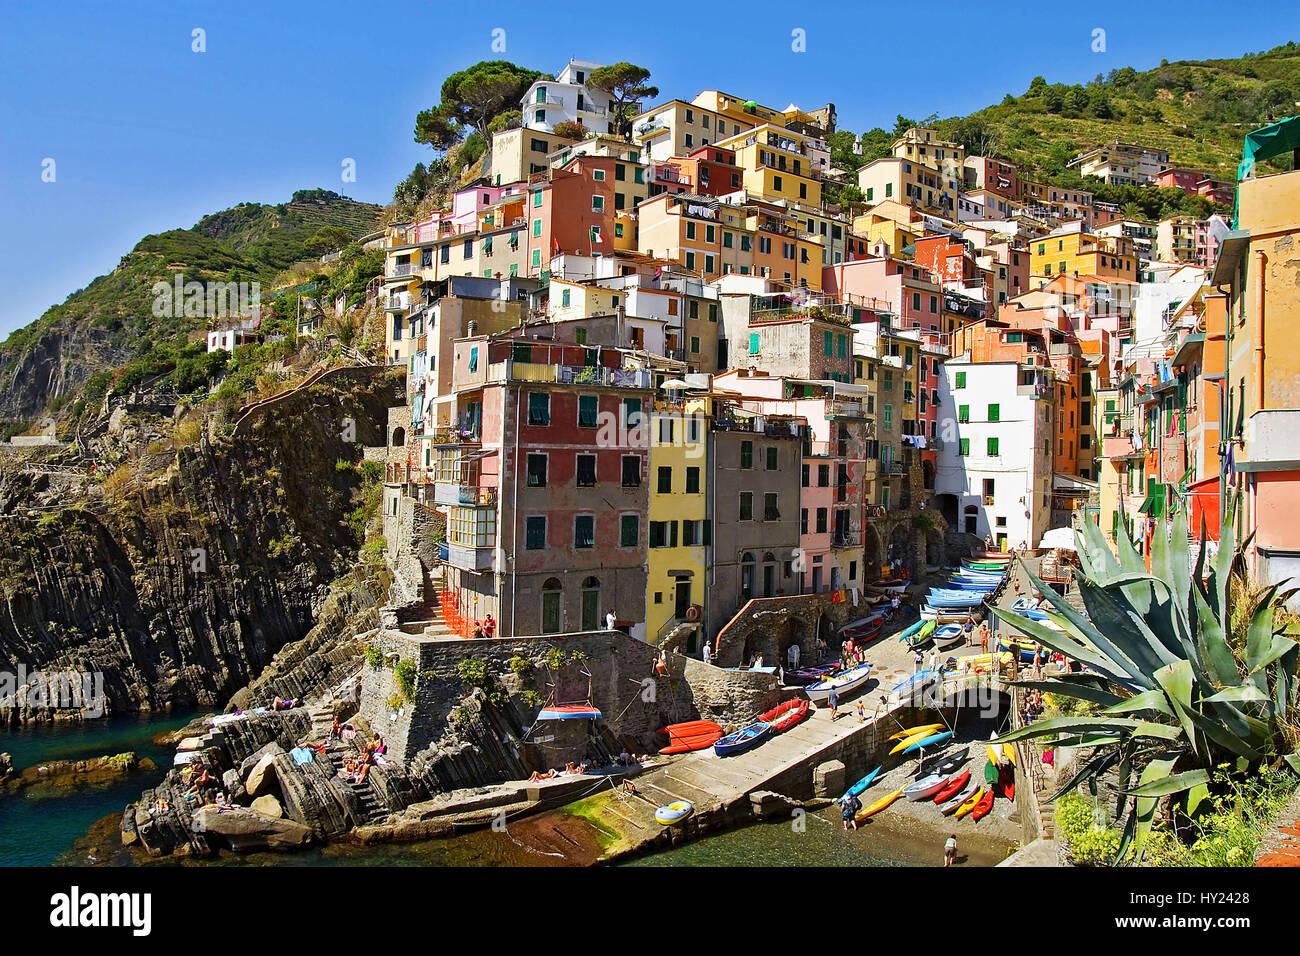 Blick schlug Das Dorf Riomaggiore, Ein Bekanntes Reiseziel Im Parco Naturale Cinque Terre in Den Ligurischen Kueste, Stockbild